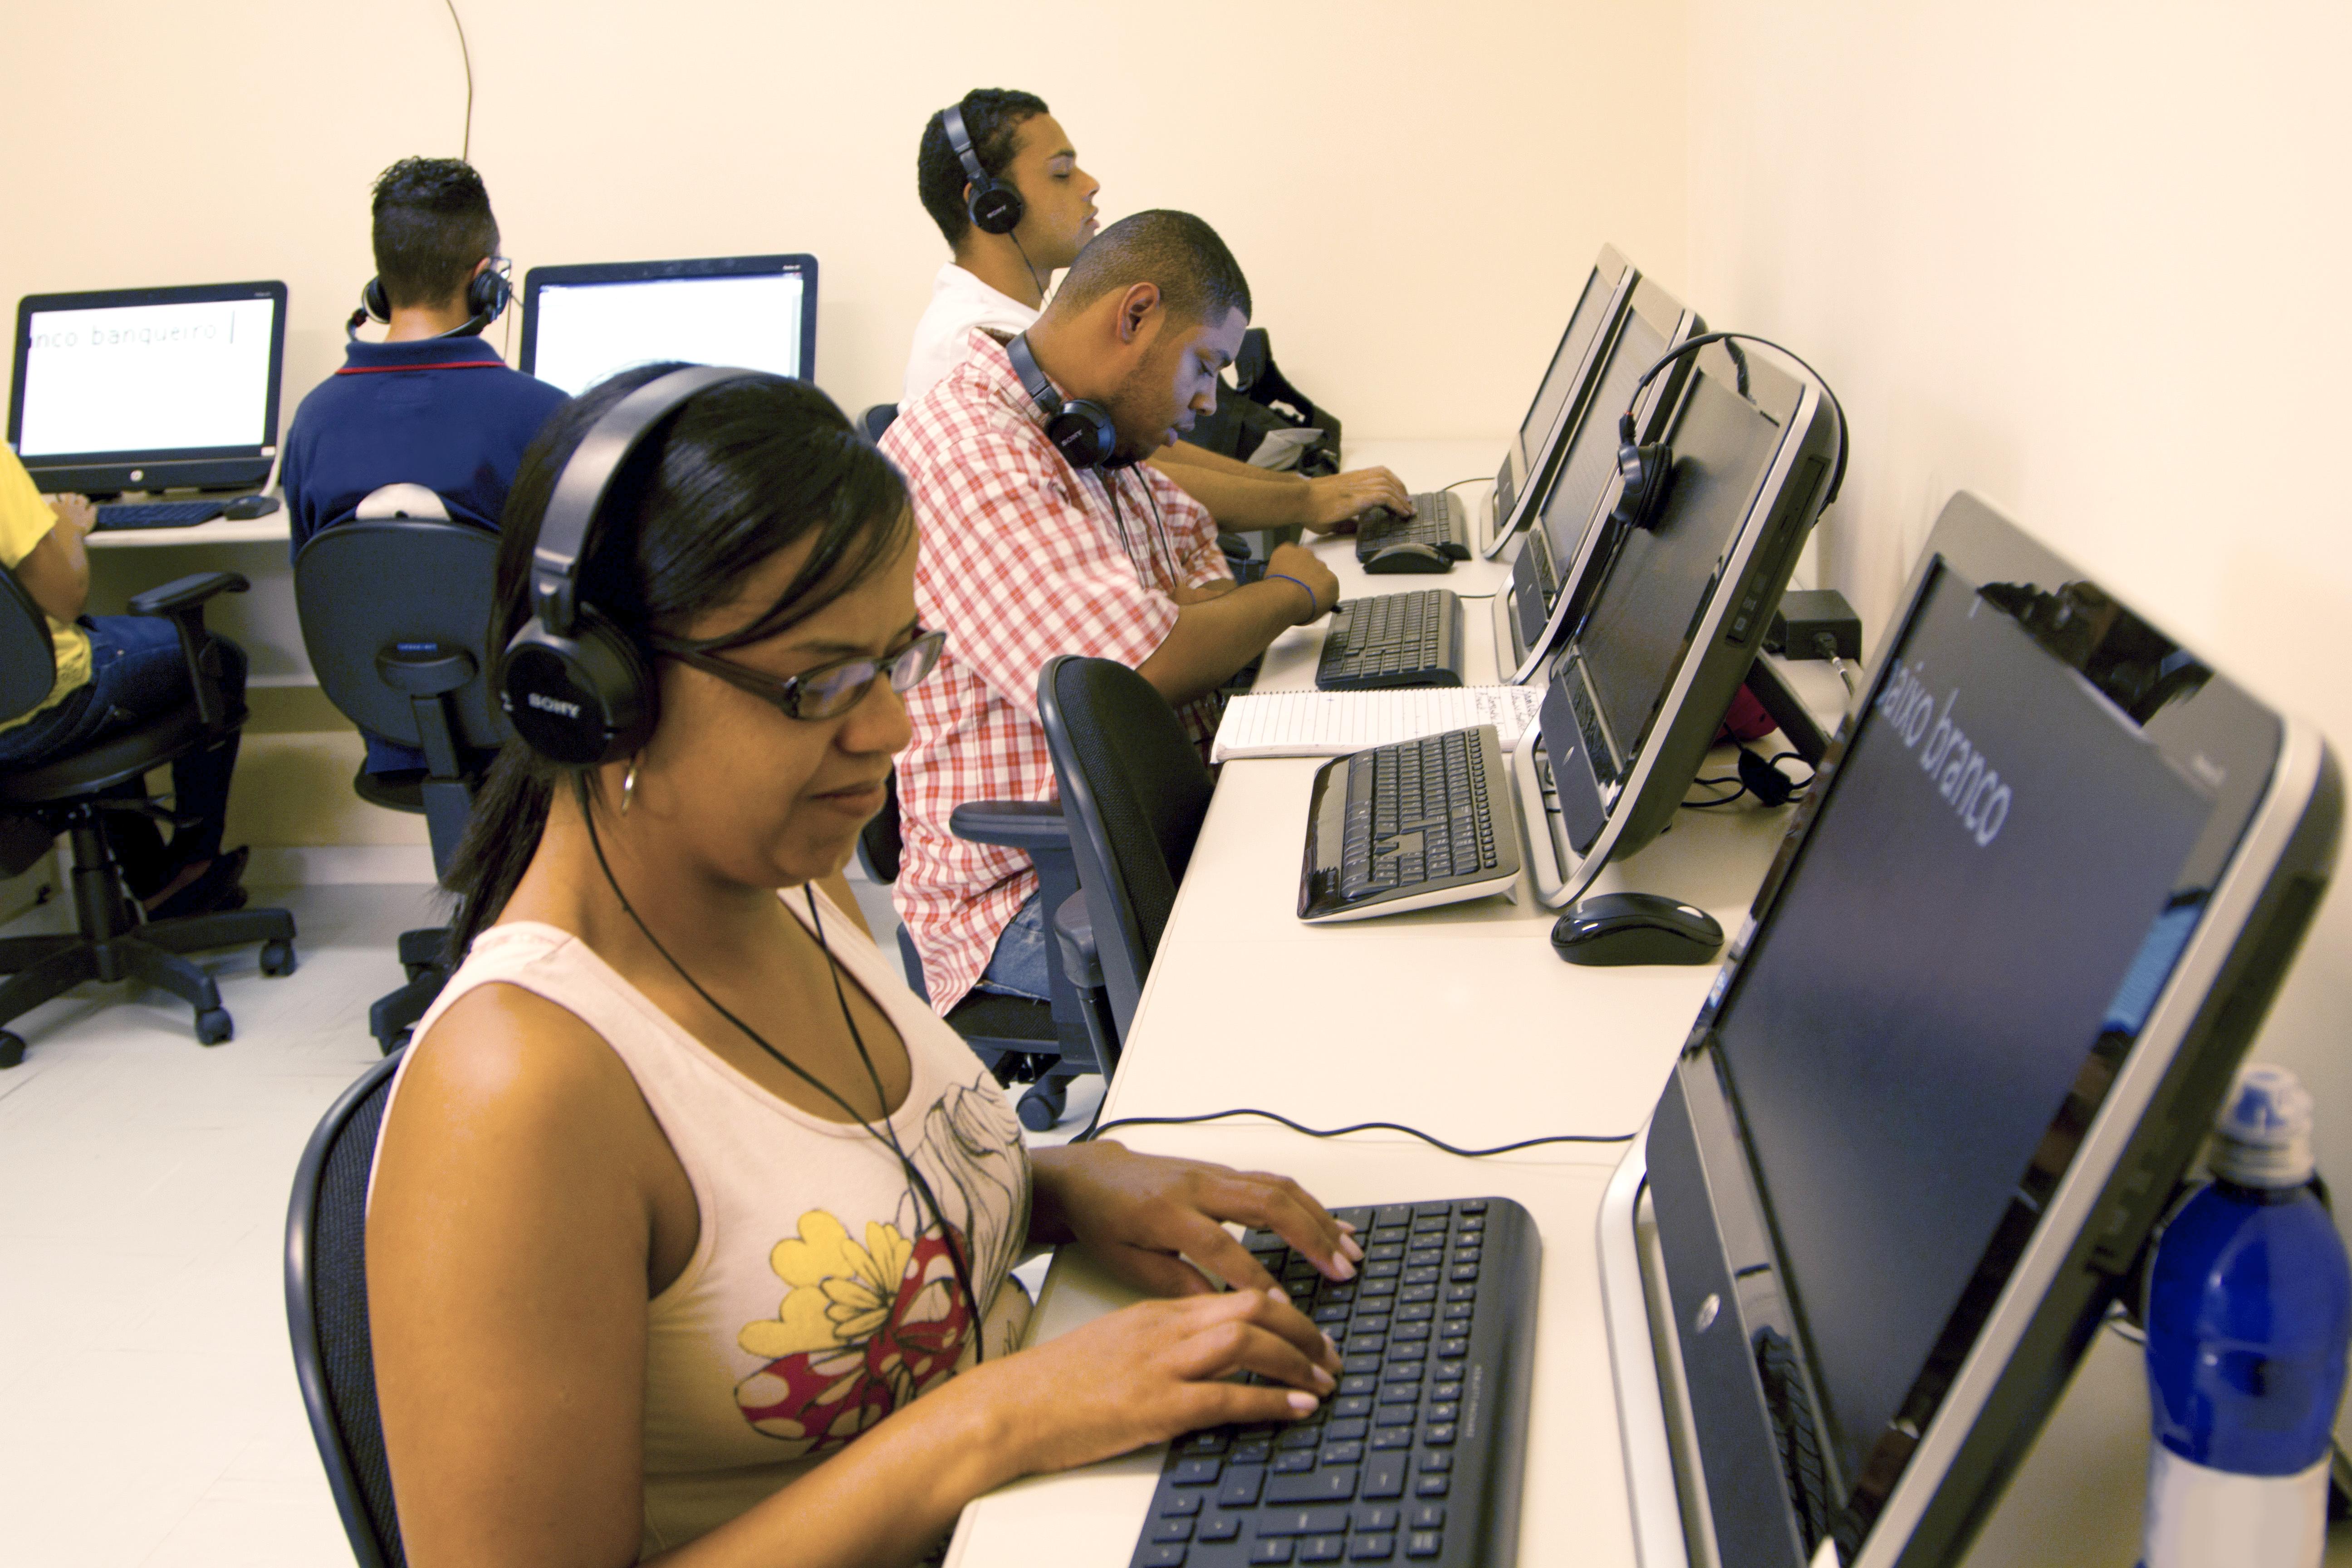 Imagem de cinco alunos da Fundação na sala de informática. Três deles, dois rapazes e uma moça, estão sentados de perfil, voltados para o lado direito. Eles utilizam headfones e estão com as mãos sob os teclados dos computadores. Outro rapaz está sentado de costas, na parede do fundo da imagem, também com headfone. Ao lado dele, está outro aluno, porém só aparece o seu braço na imagem.